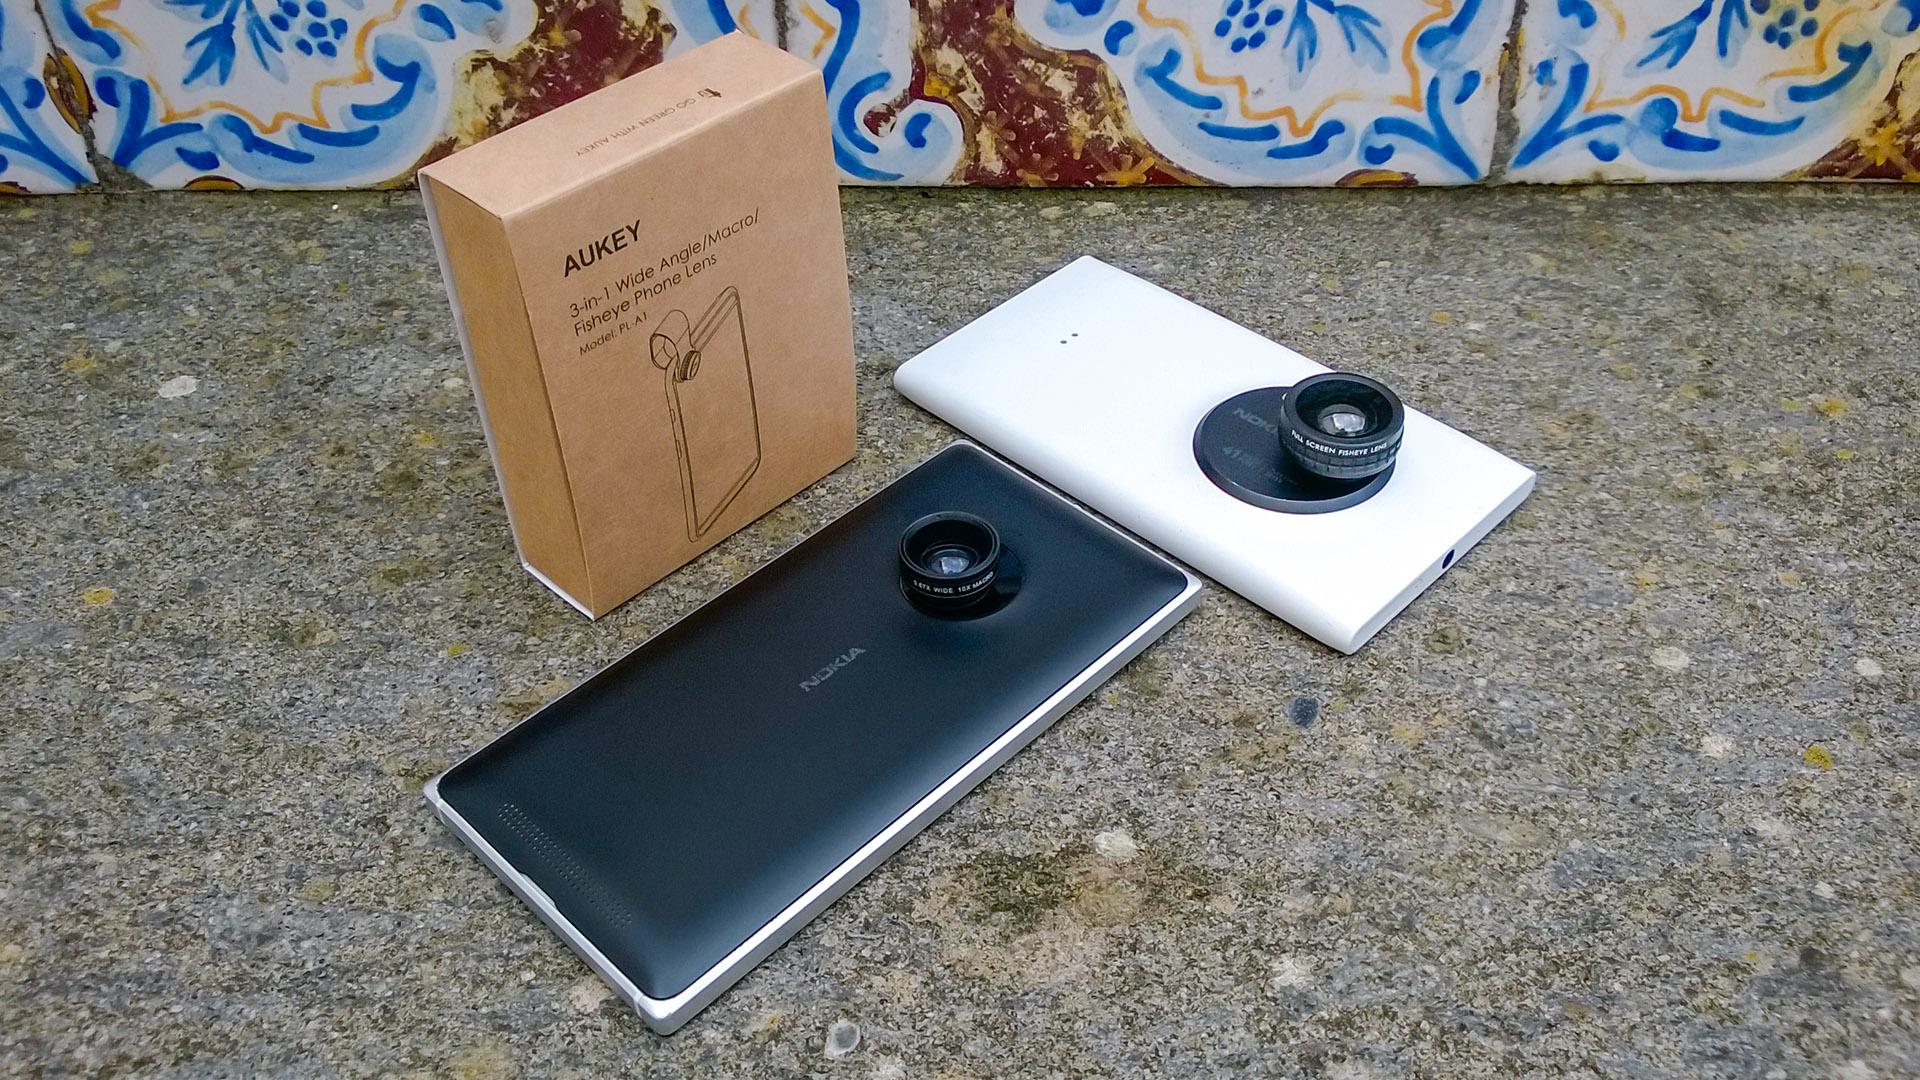 Recensione lenti Fish-Eye Macro Aukey smartphone Lumia (1)